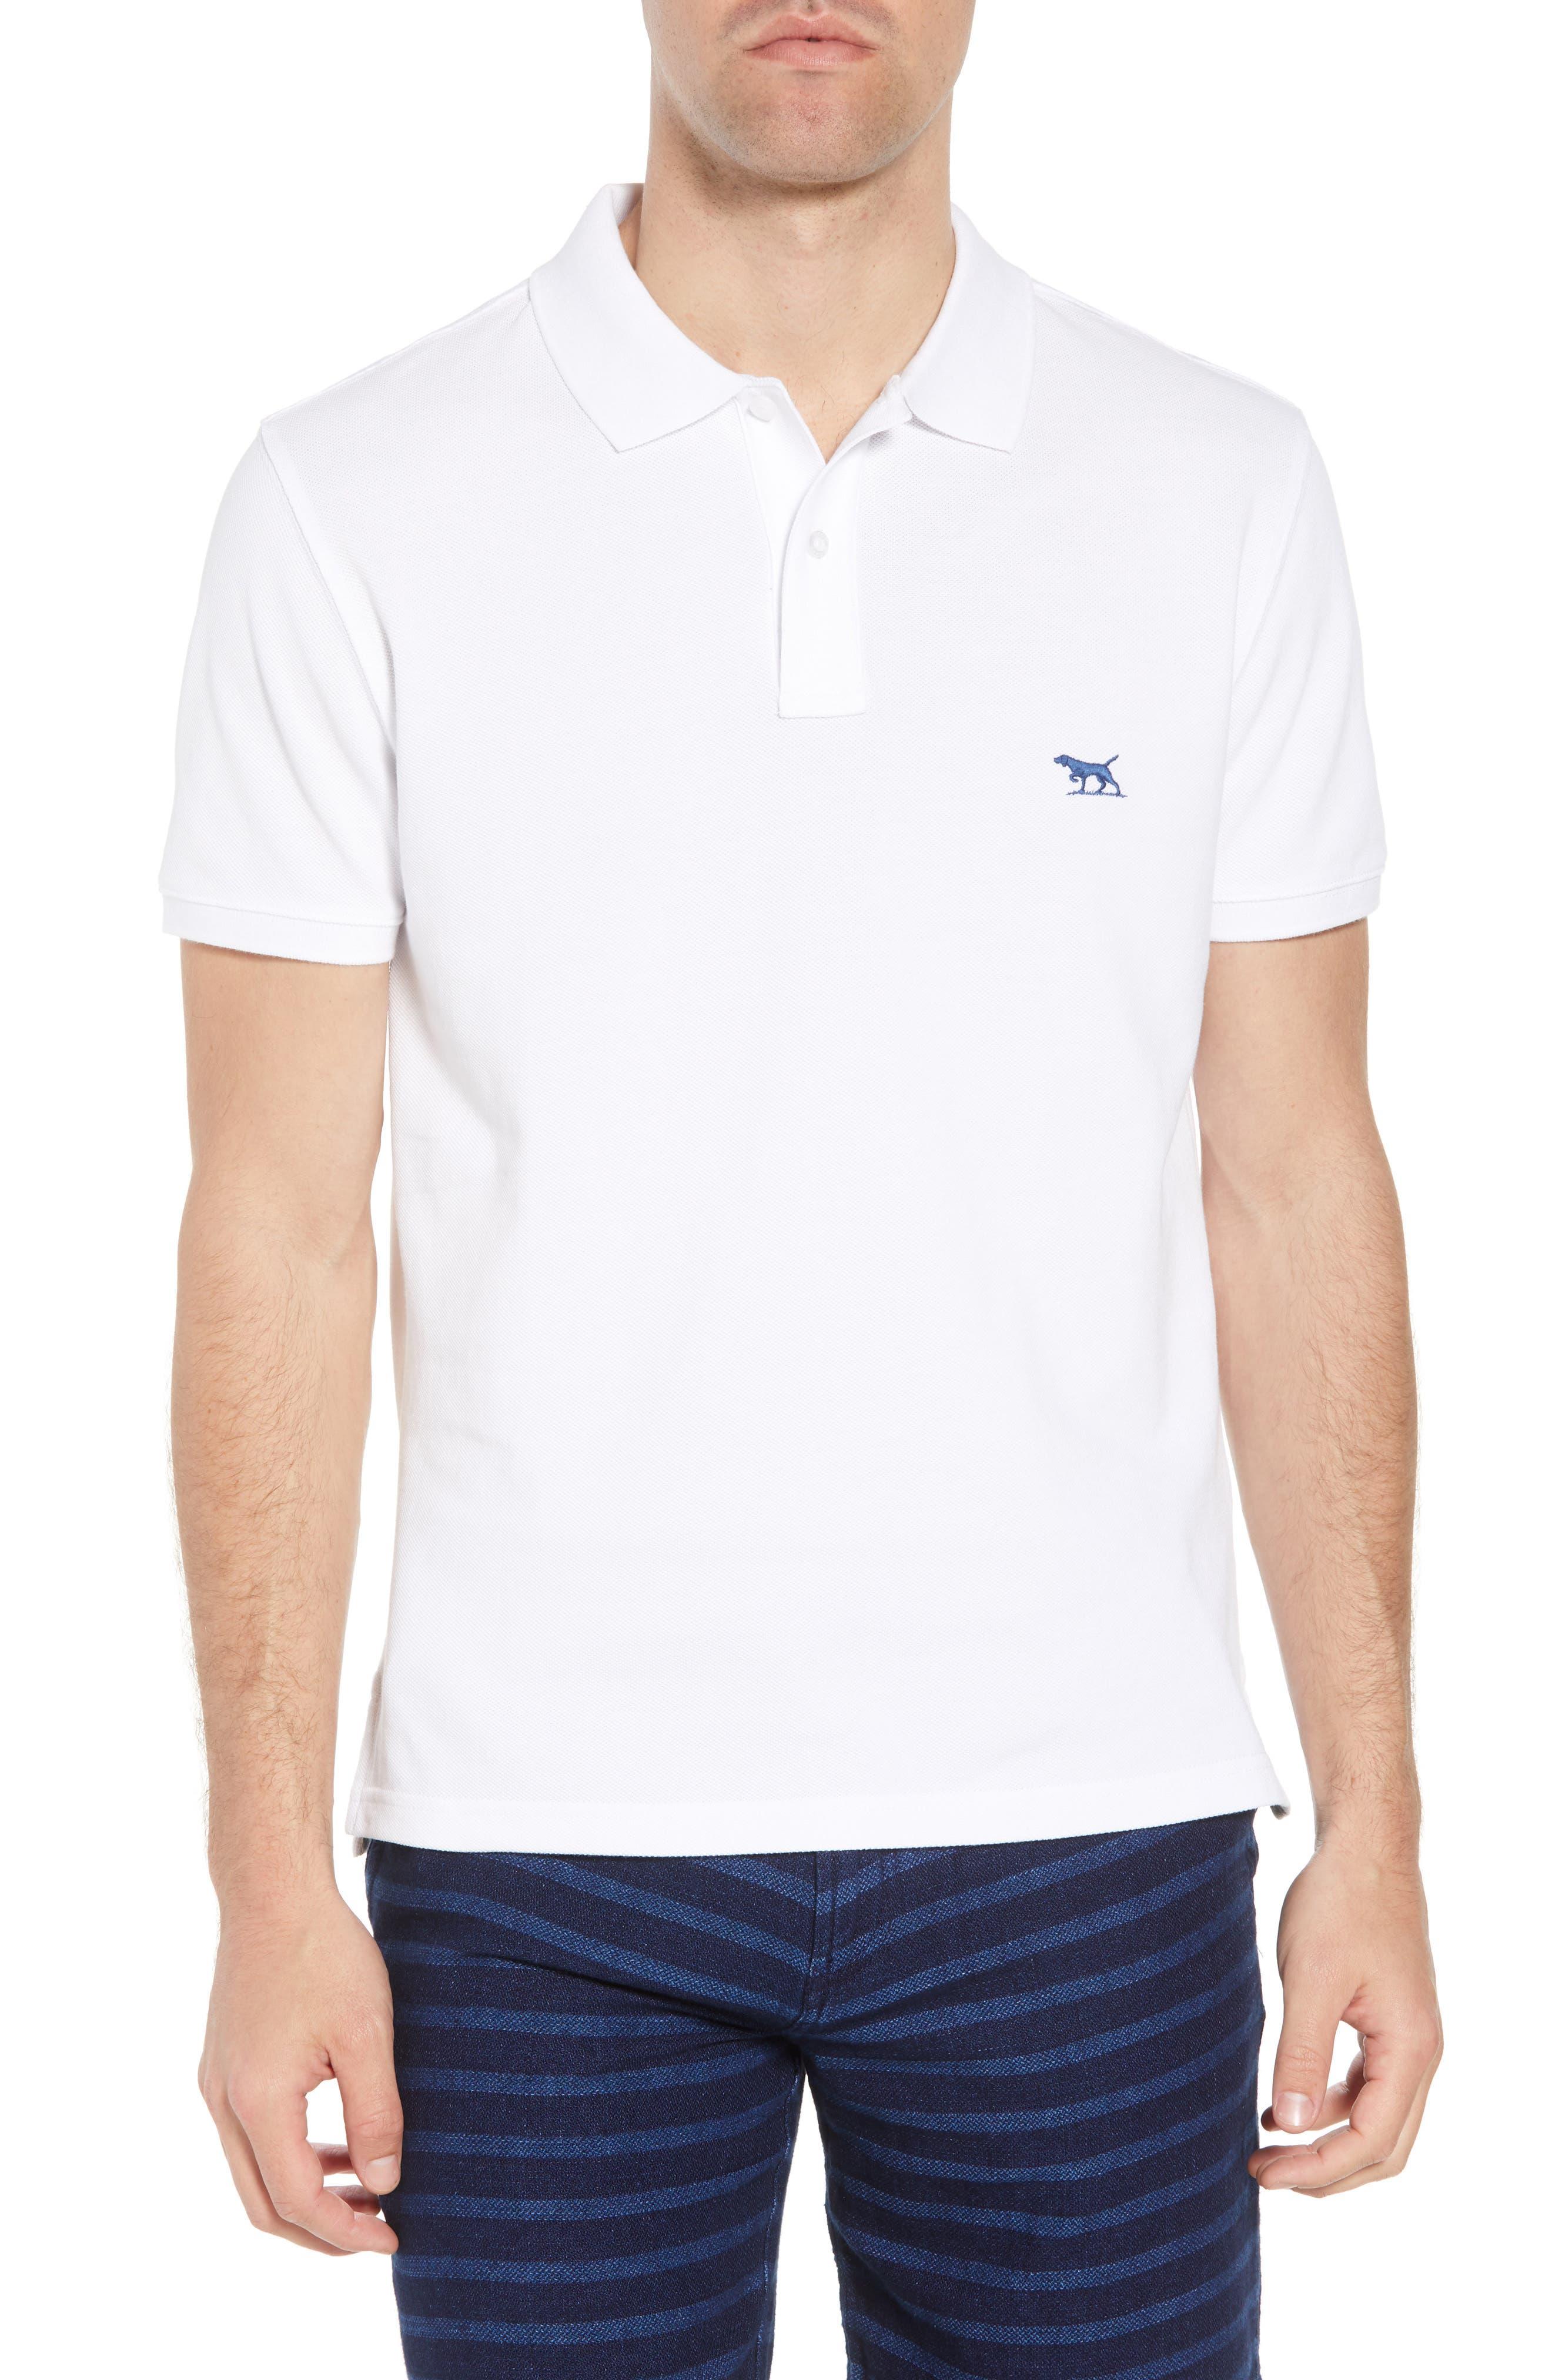 Main Image - Rodd & Gunn 'The Gunn' Piqué Sports Fit Cotton Polo